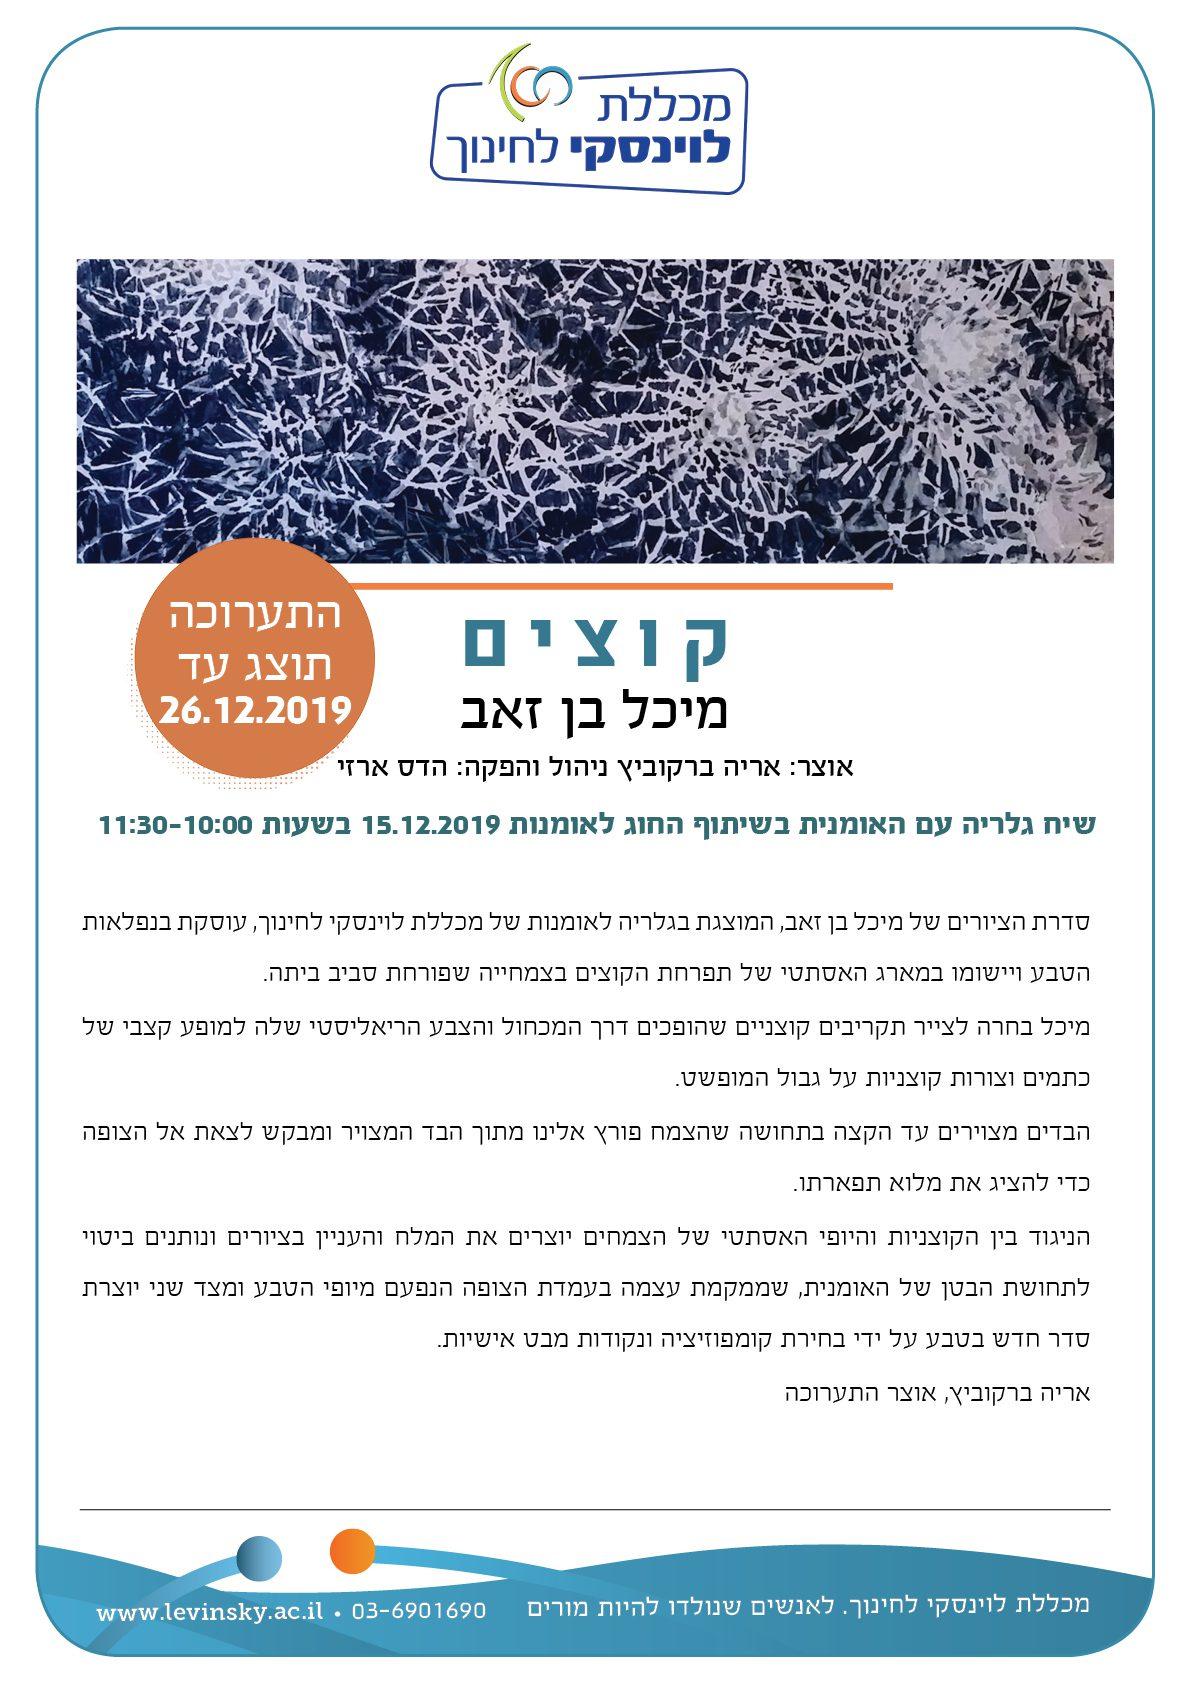 דבר האוצר - קוצים - תערוכה של מיכל בן זאב